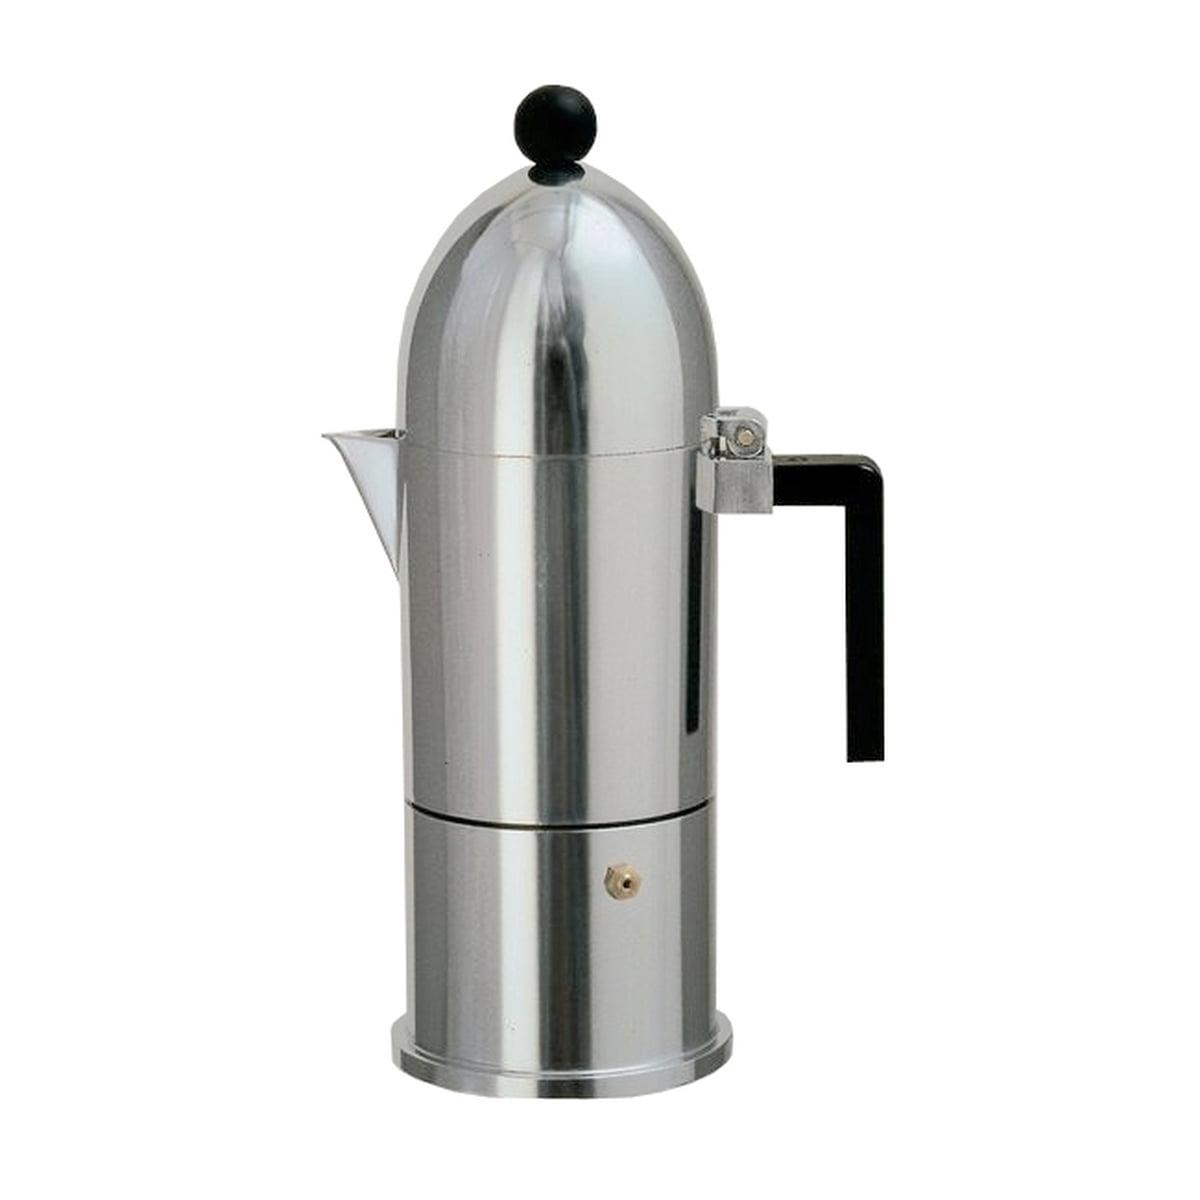 A di Alessi - La Cupola Espressomaschine 9095, 15 cl, aluschwarz | Küche und Esszimmer > Kaffee und Tee > Espressomaschinen | Alessi